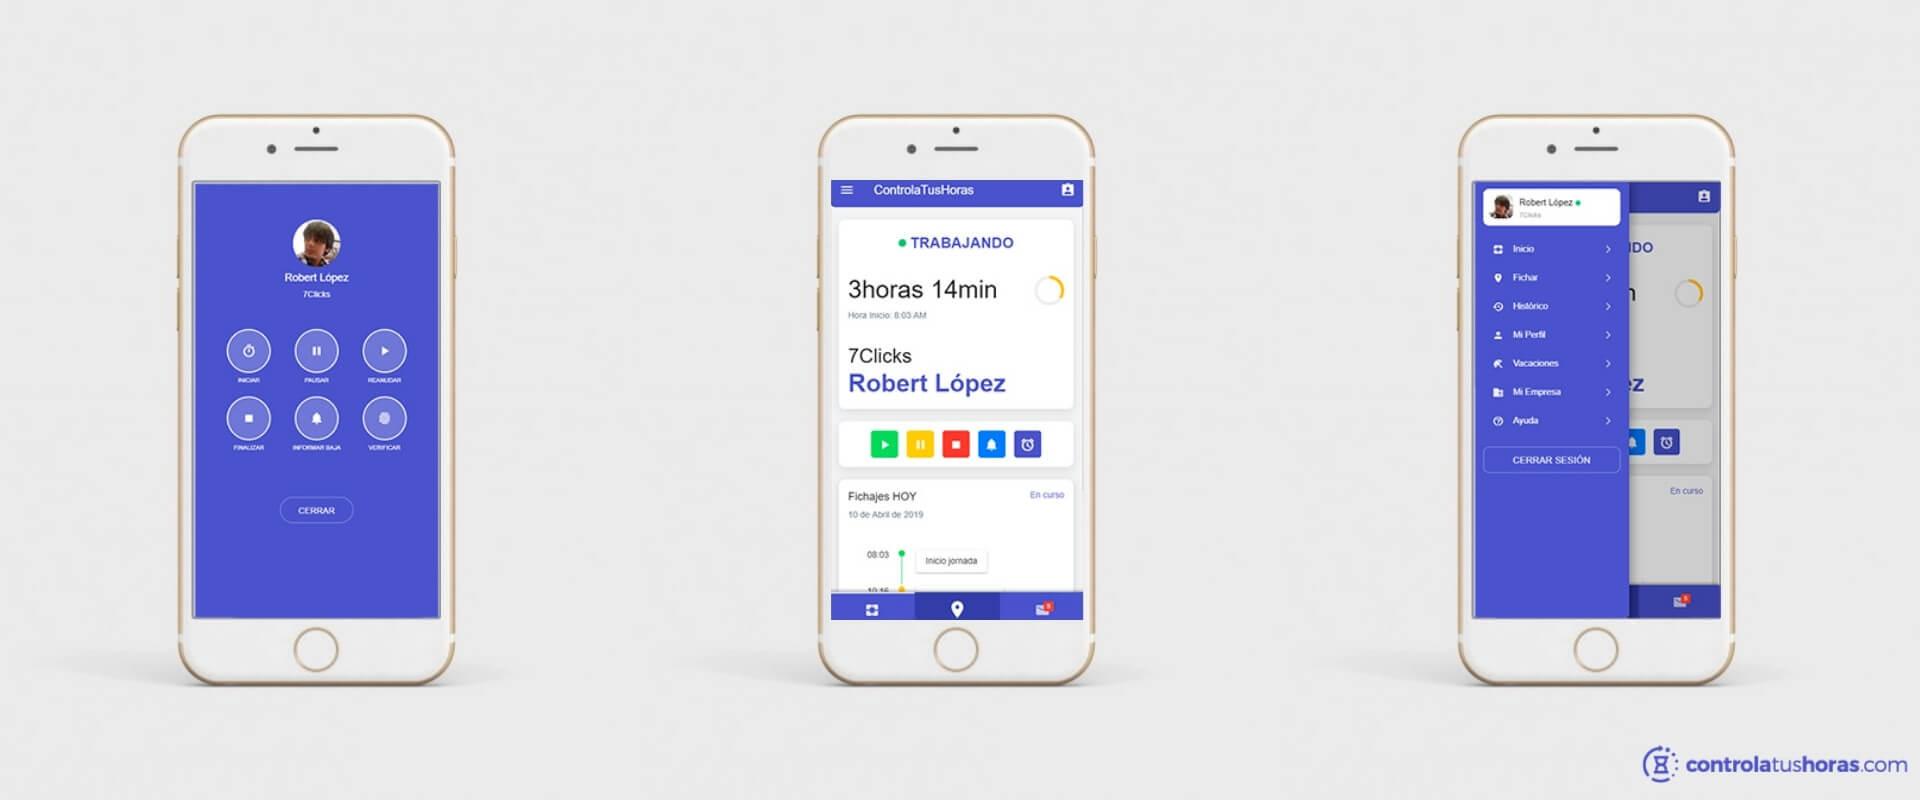 app de control horario, ventajas de utilizar controlatushoras